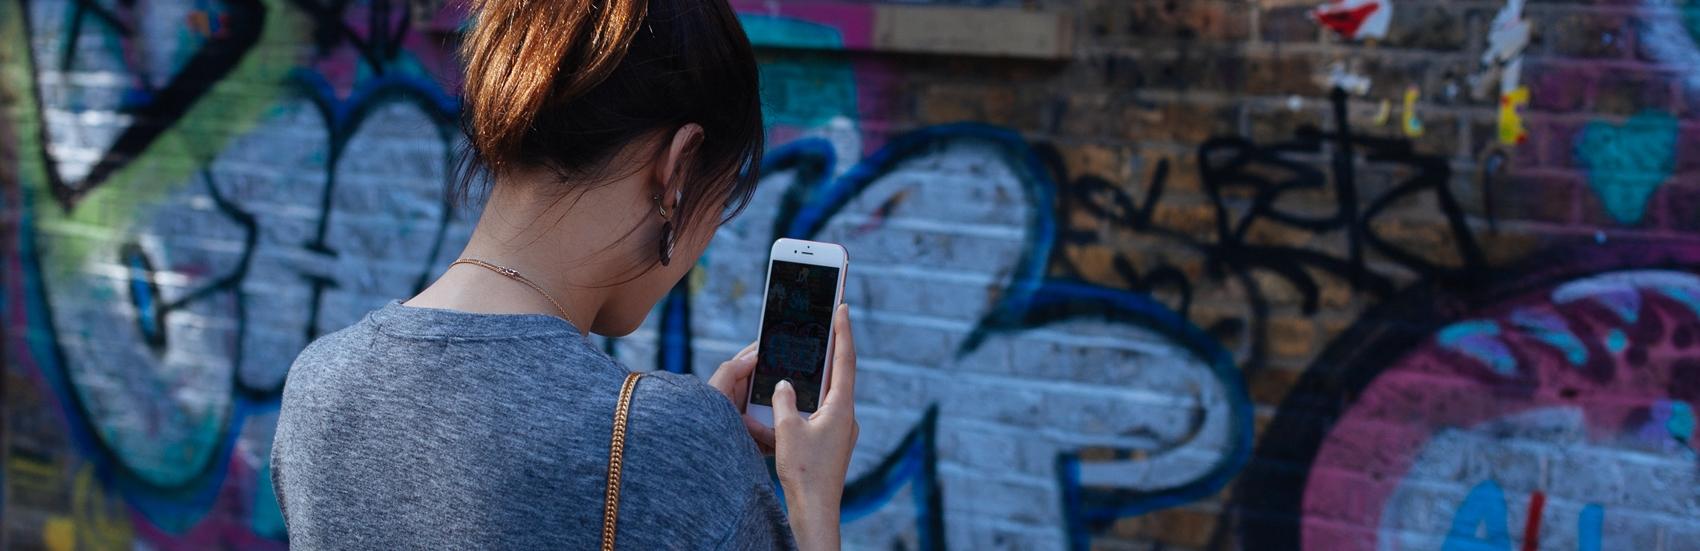 Consejos para sacar buenas fotos con tu smartphone